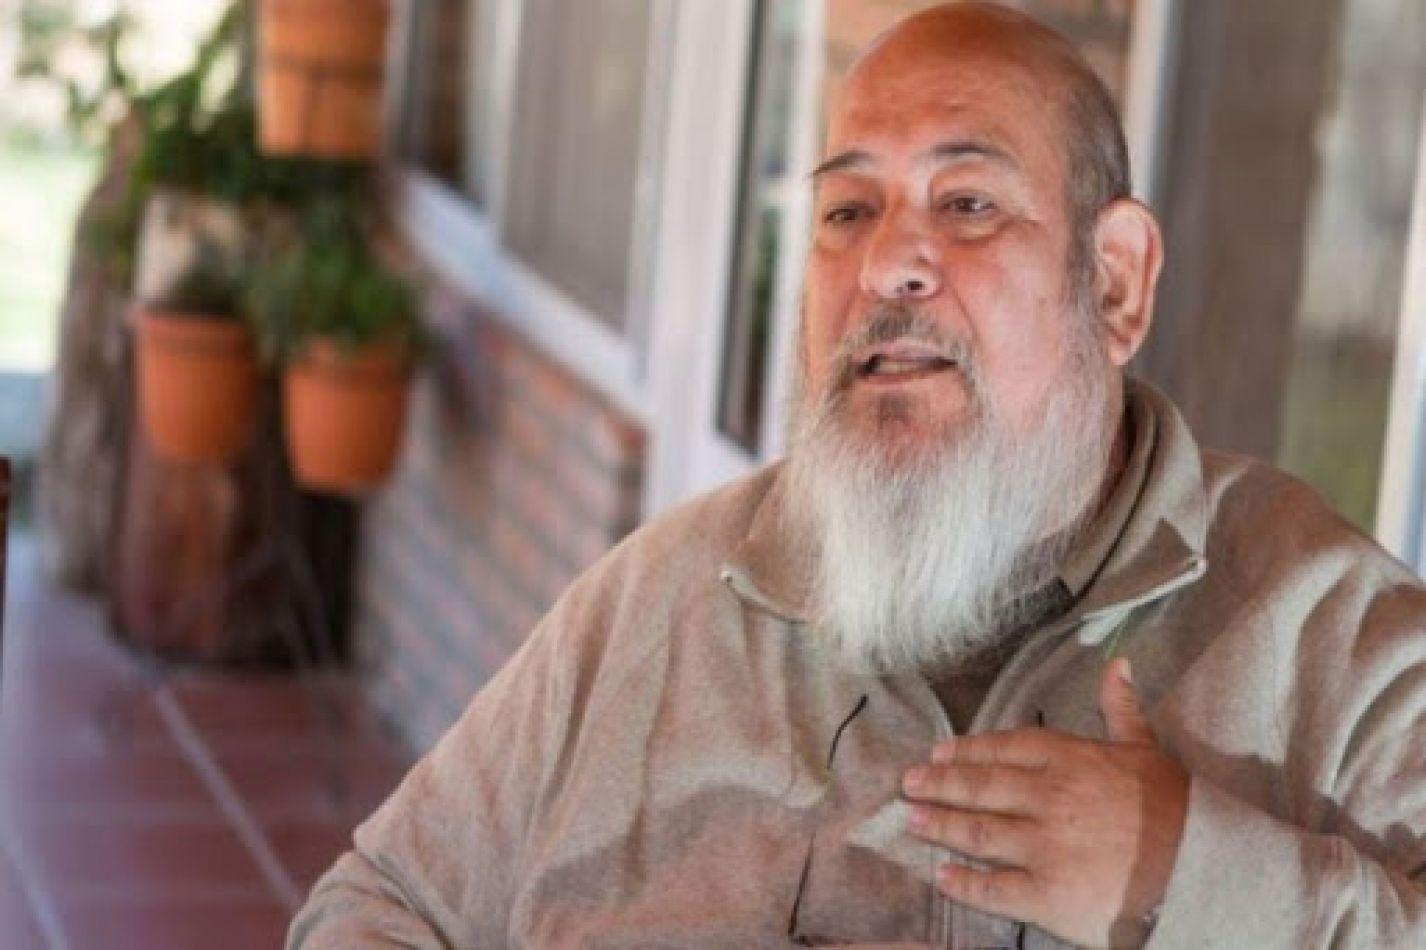 Abusos en la Iglesia: la fiscalía apeló la condena de 12 años contra el cura Rosas y pide que sean más años de prisión